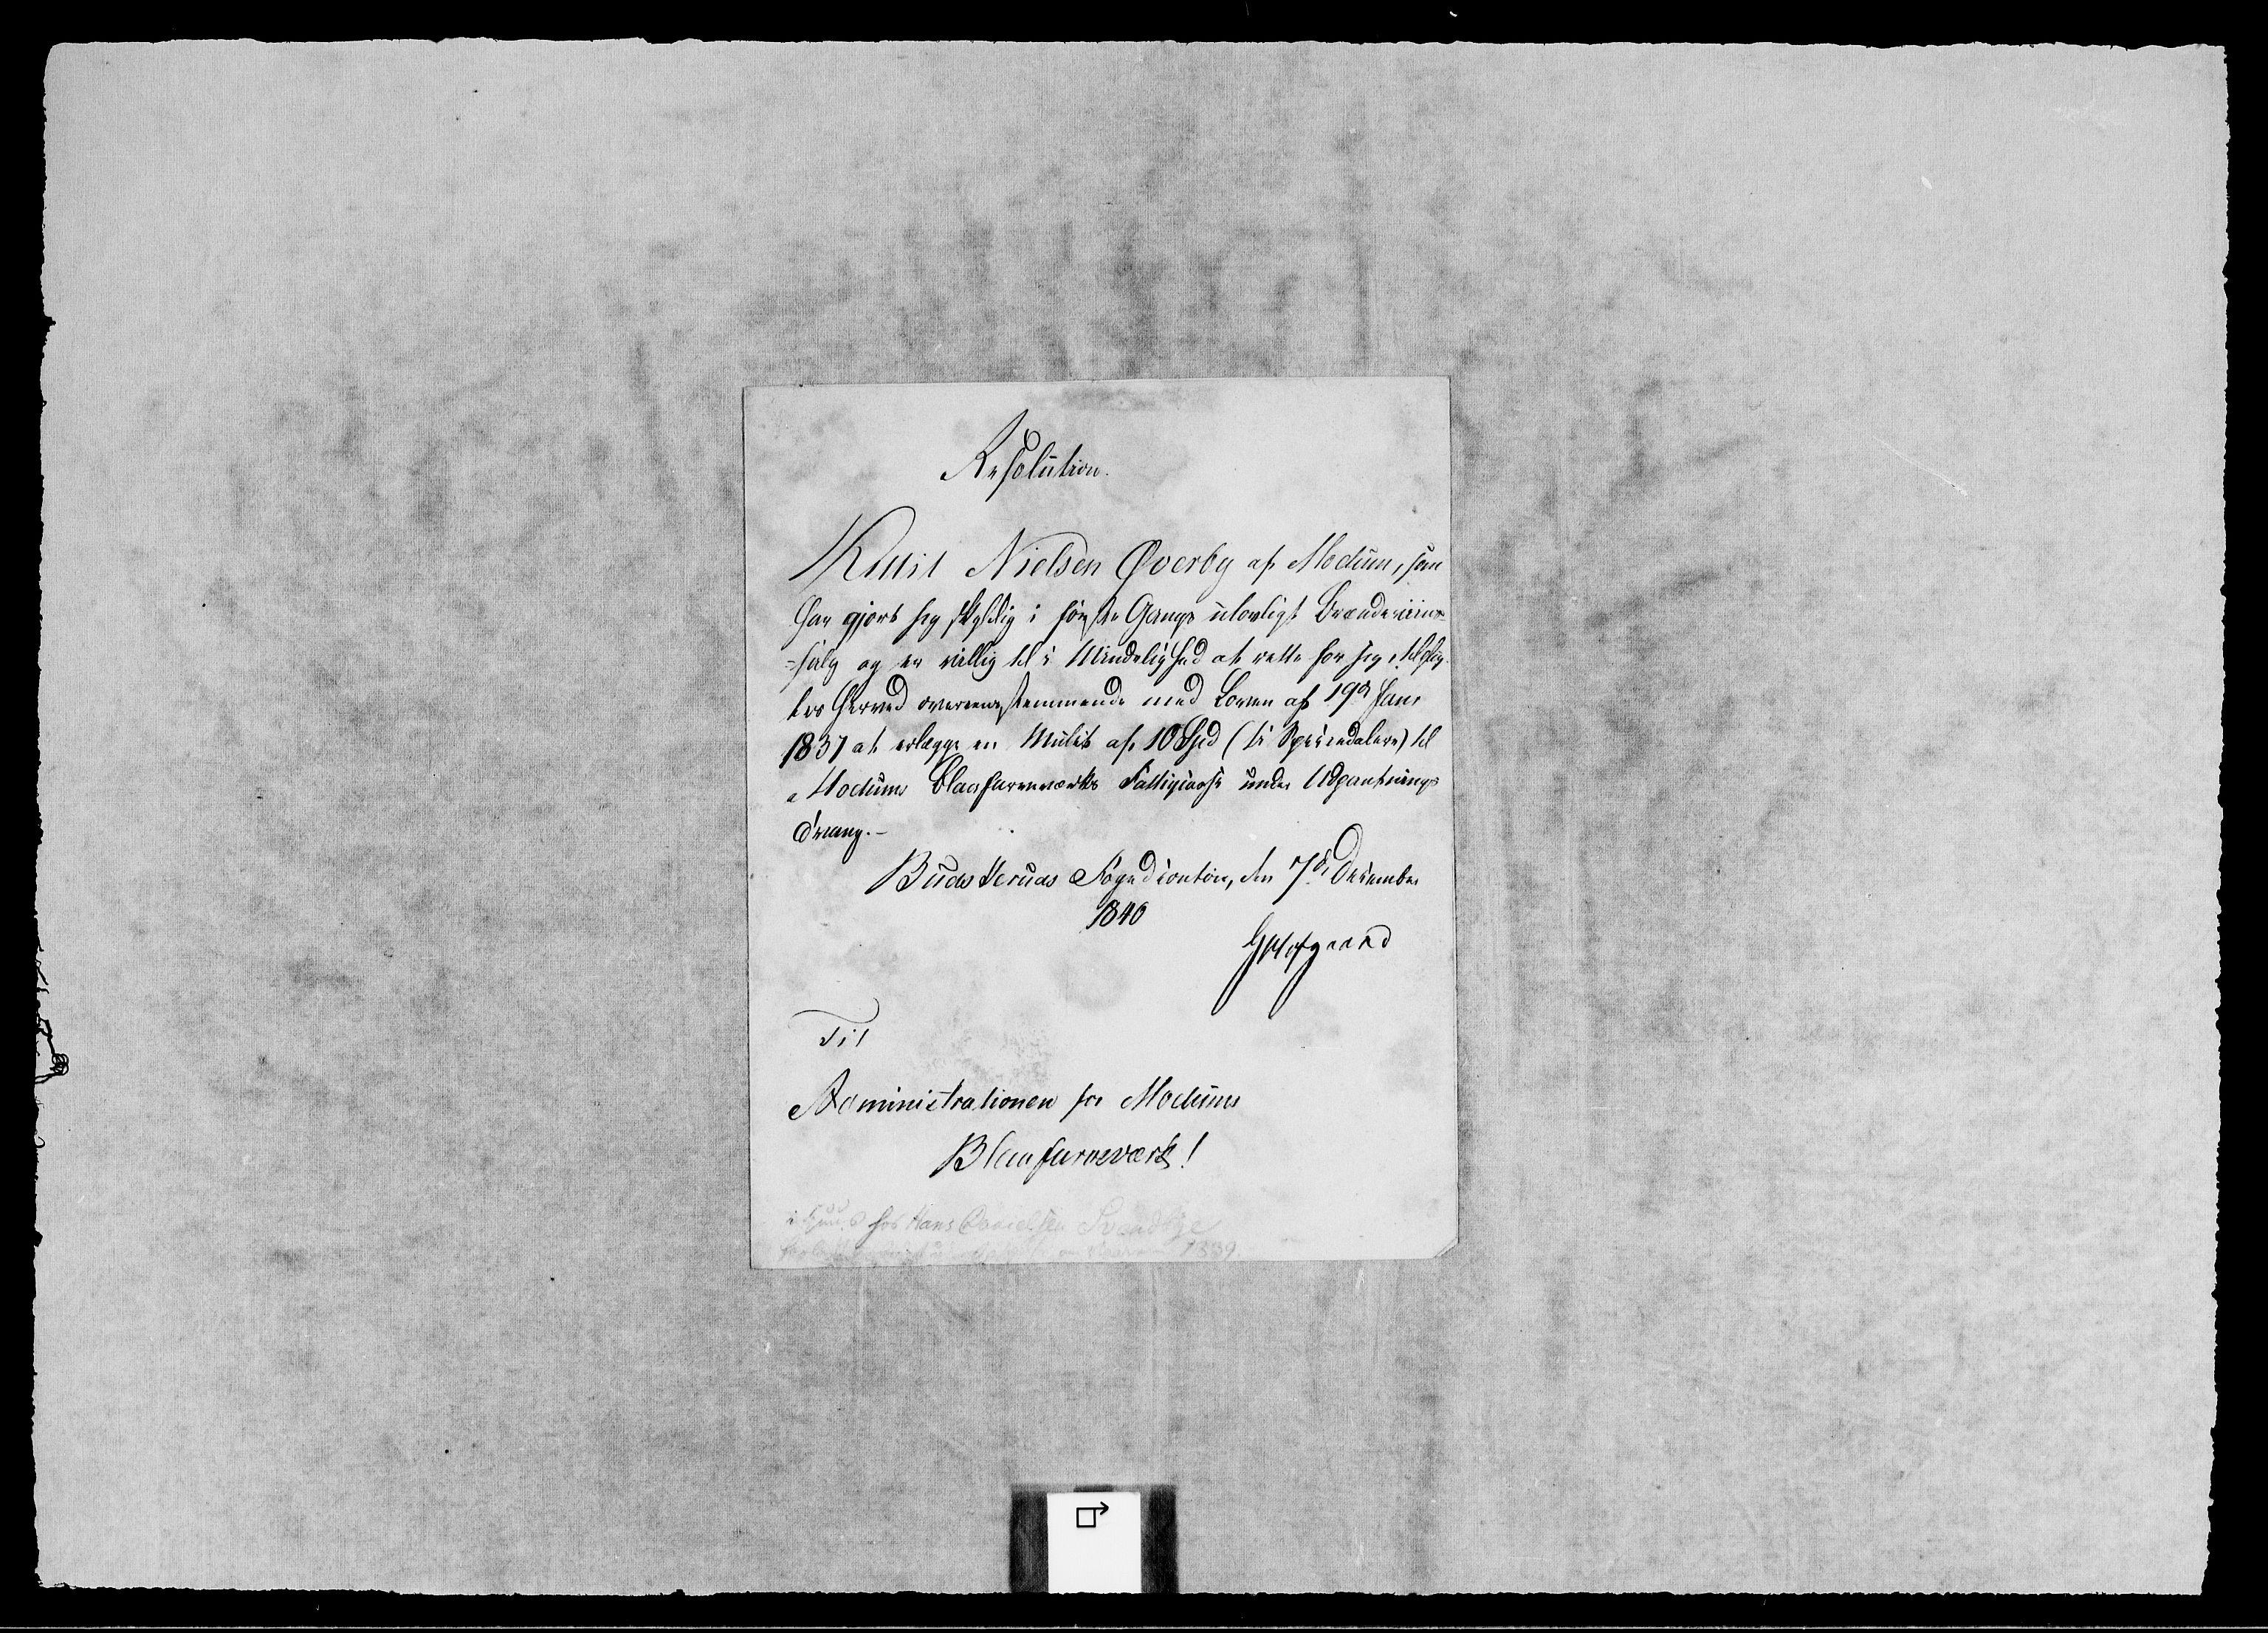 RA, Modums Blaafarveværk, G/Gb/L0124, 1839-1840, s. 2